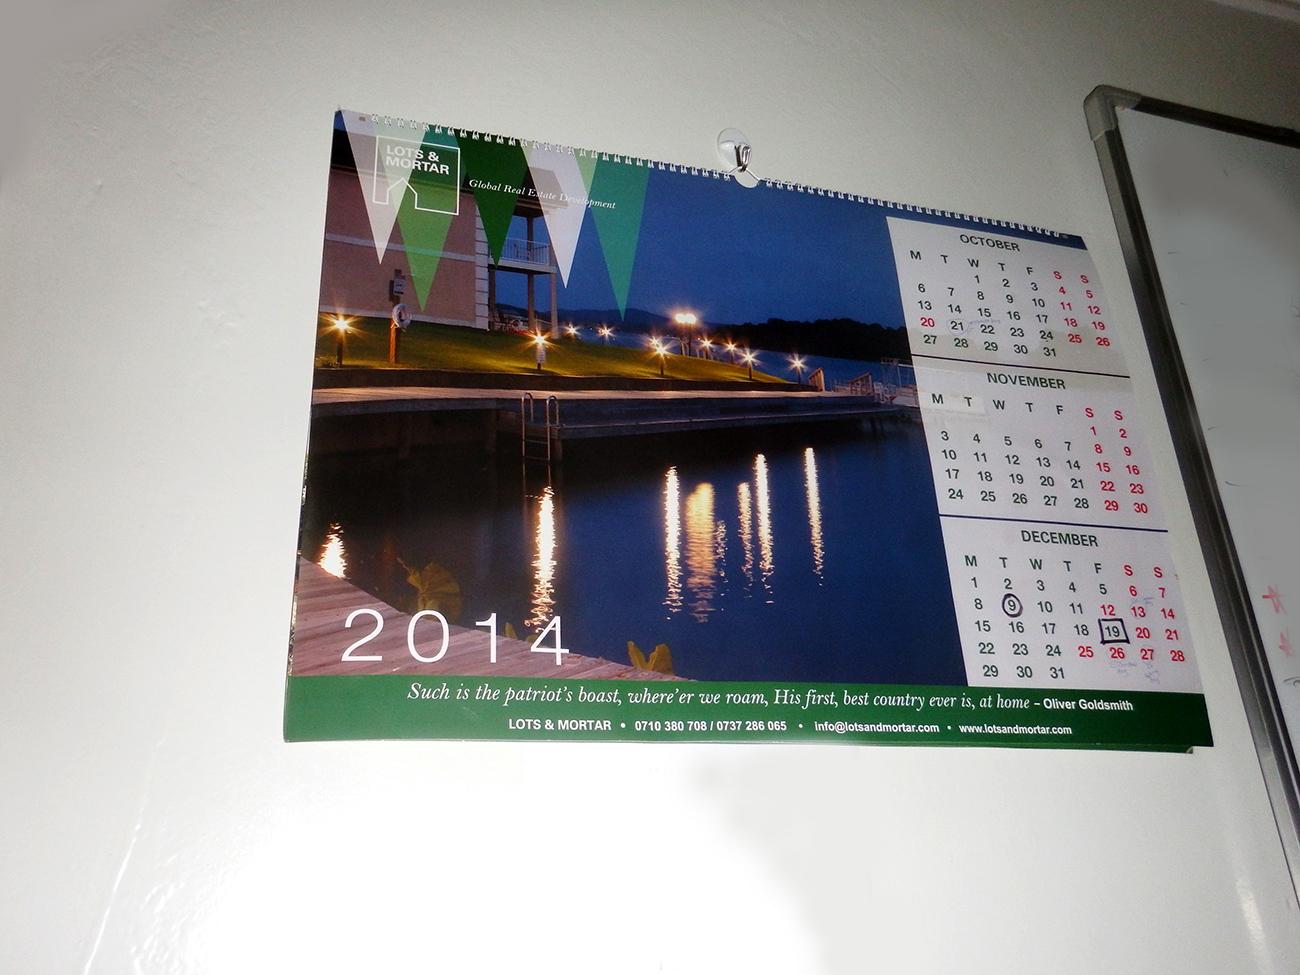 Lots and Mortar 2014 calendar